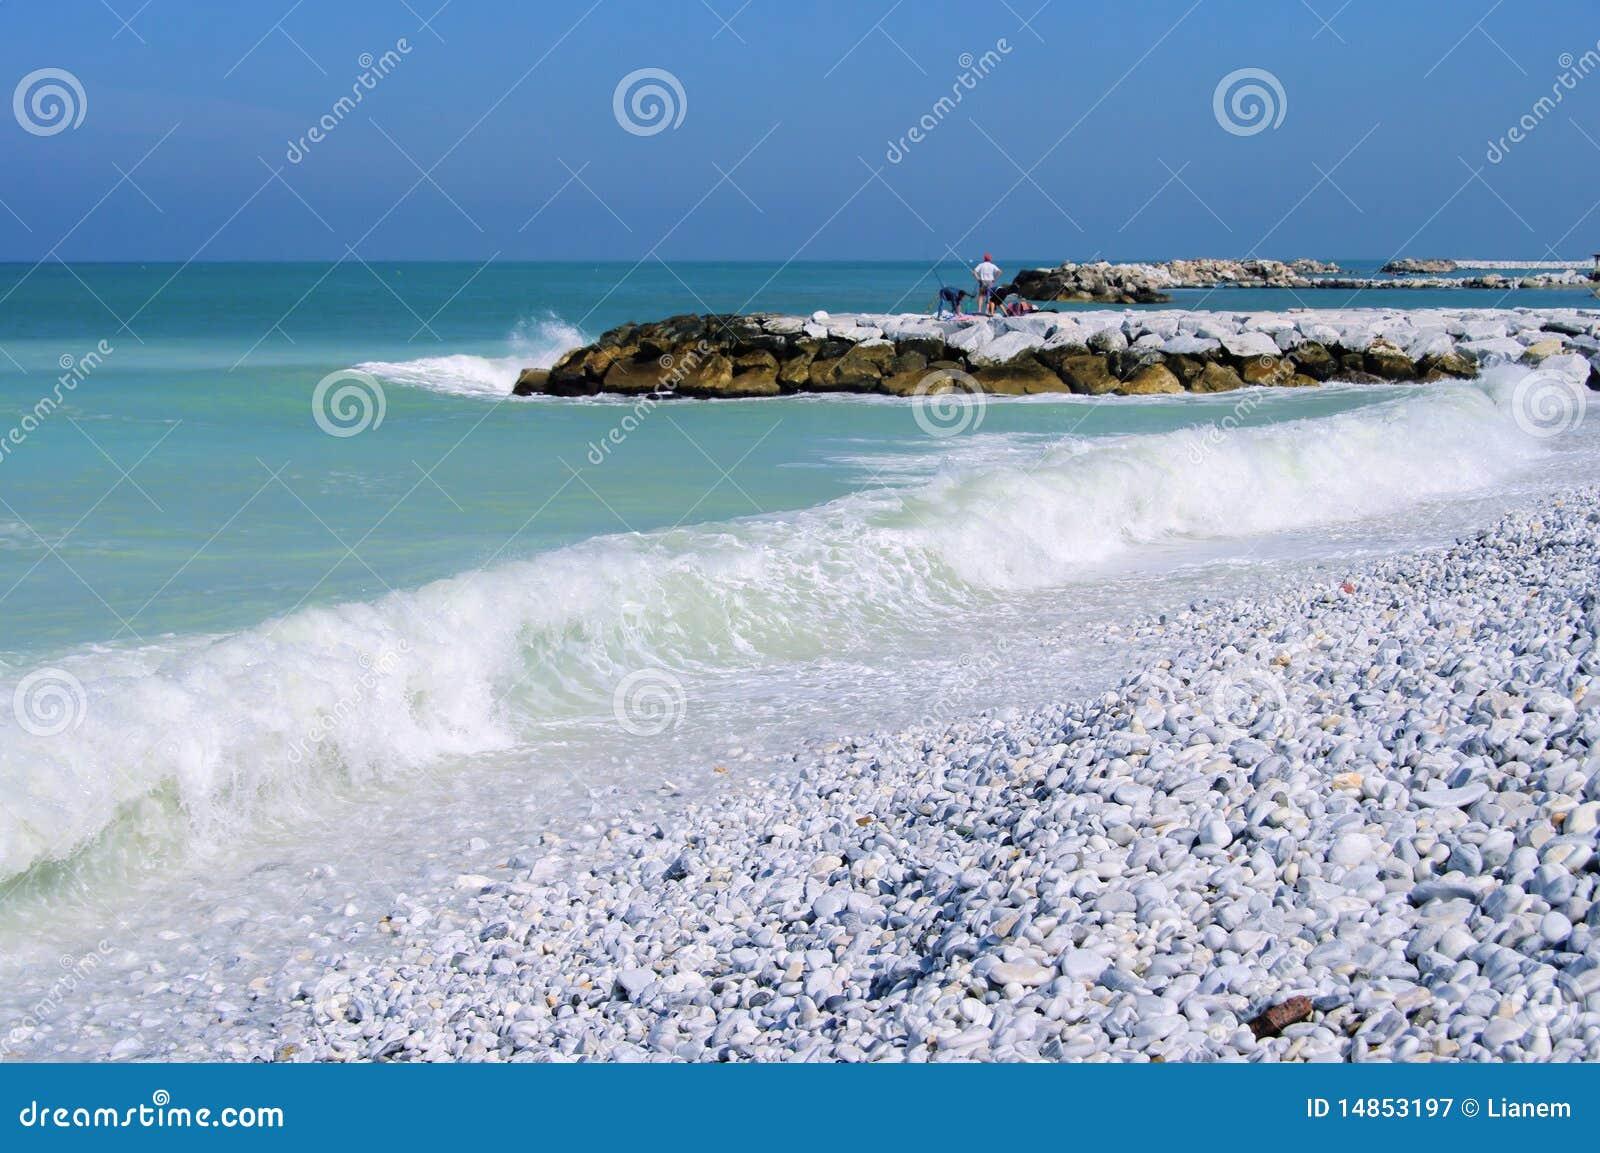 Pisa beach